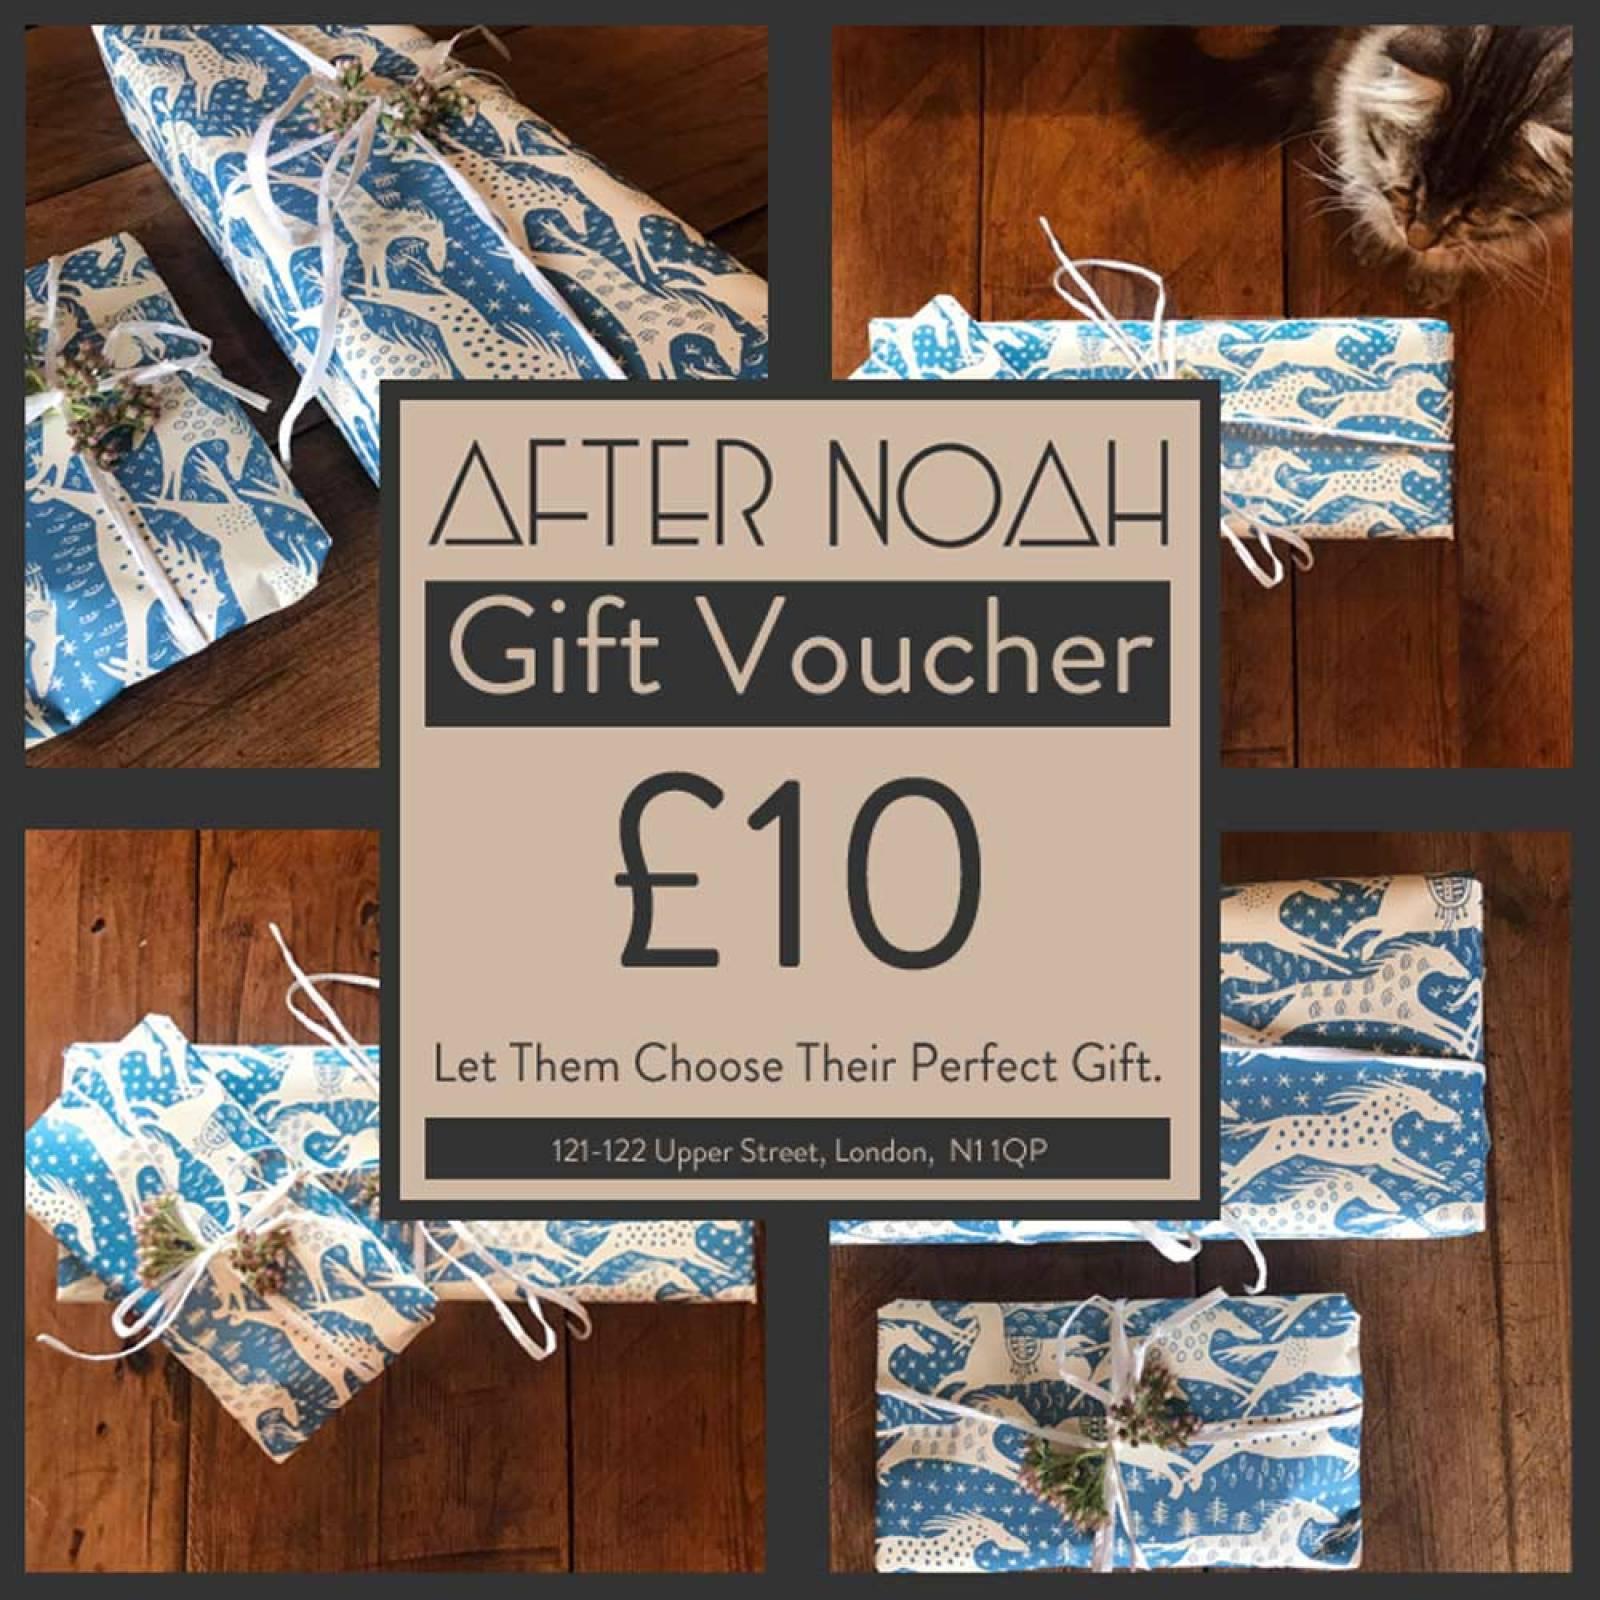 After Noah £10 Gift Voucher